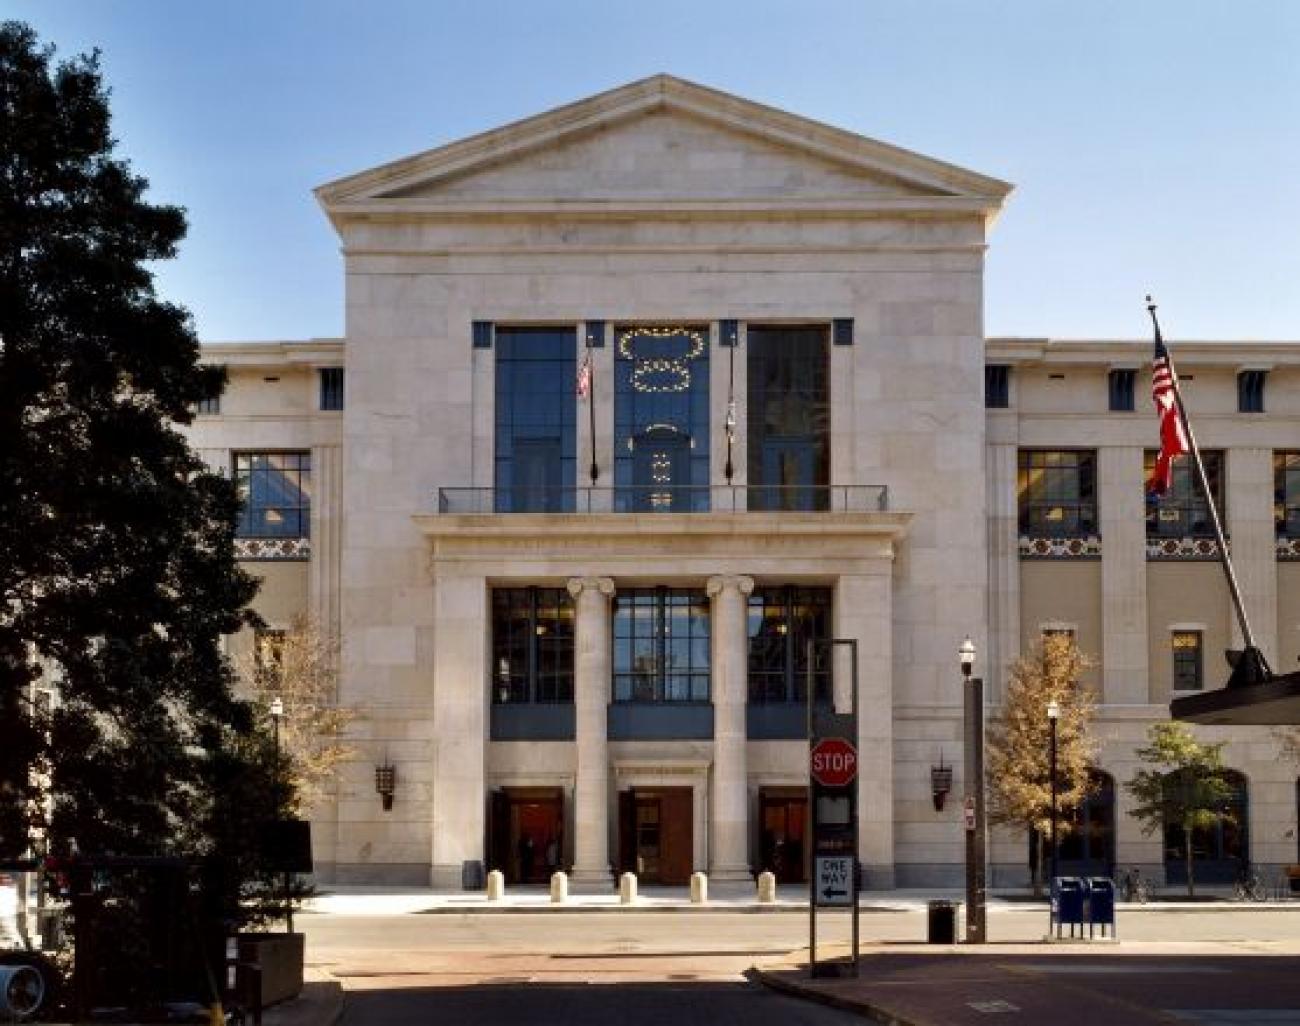 Biblioteca Pública de Nasville 2001 Tennessee EEUU Robert Stern 1300x1026 c